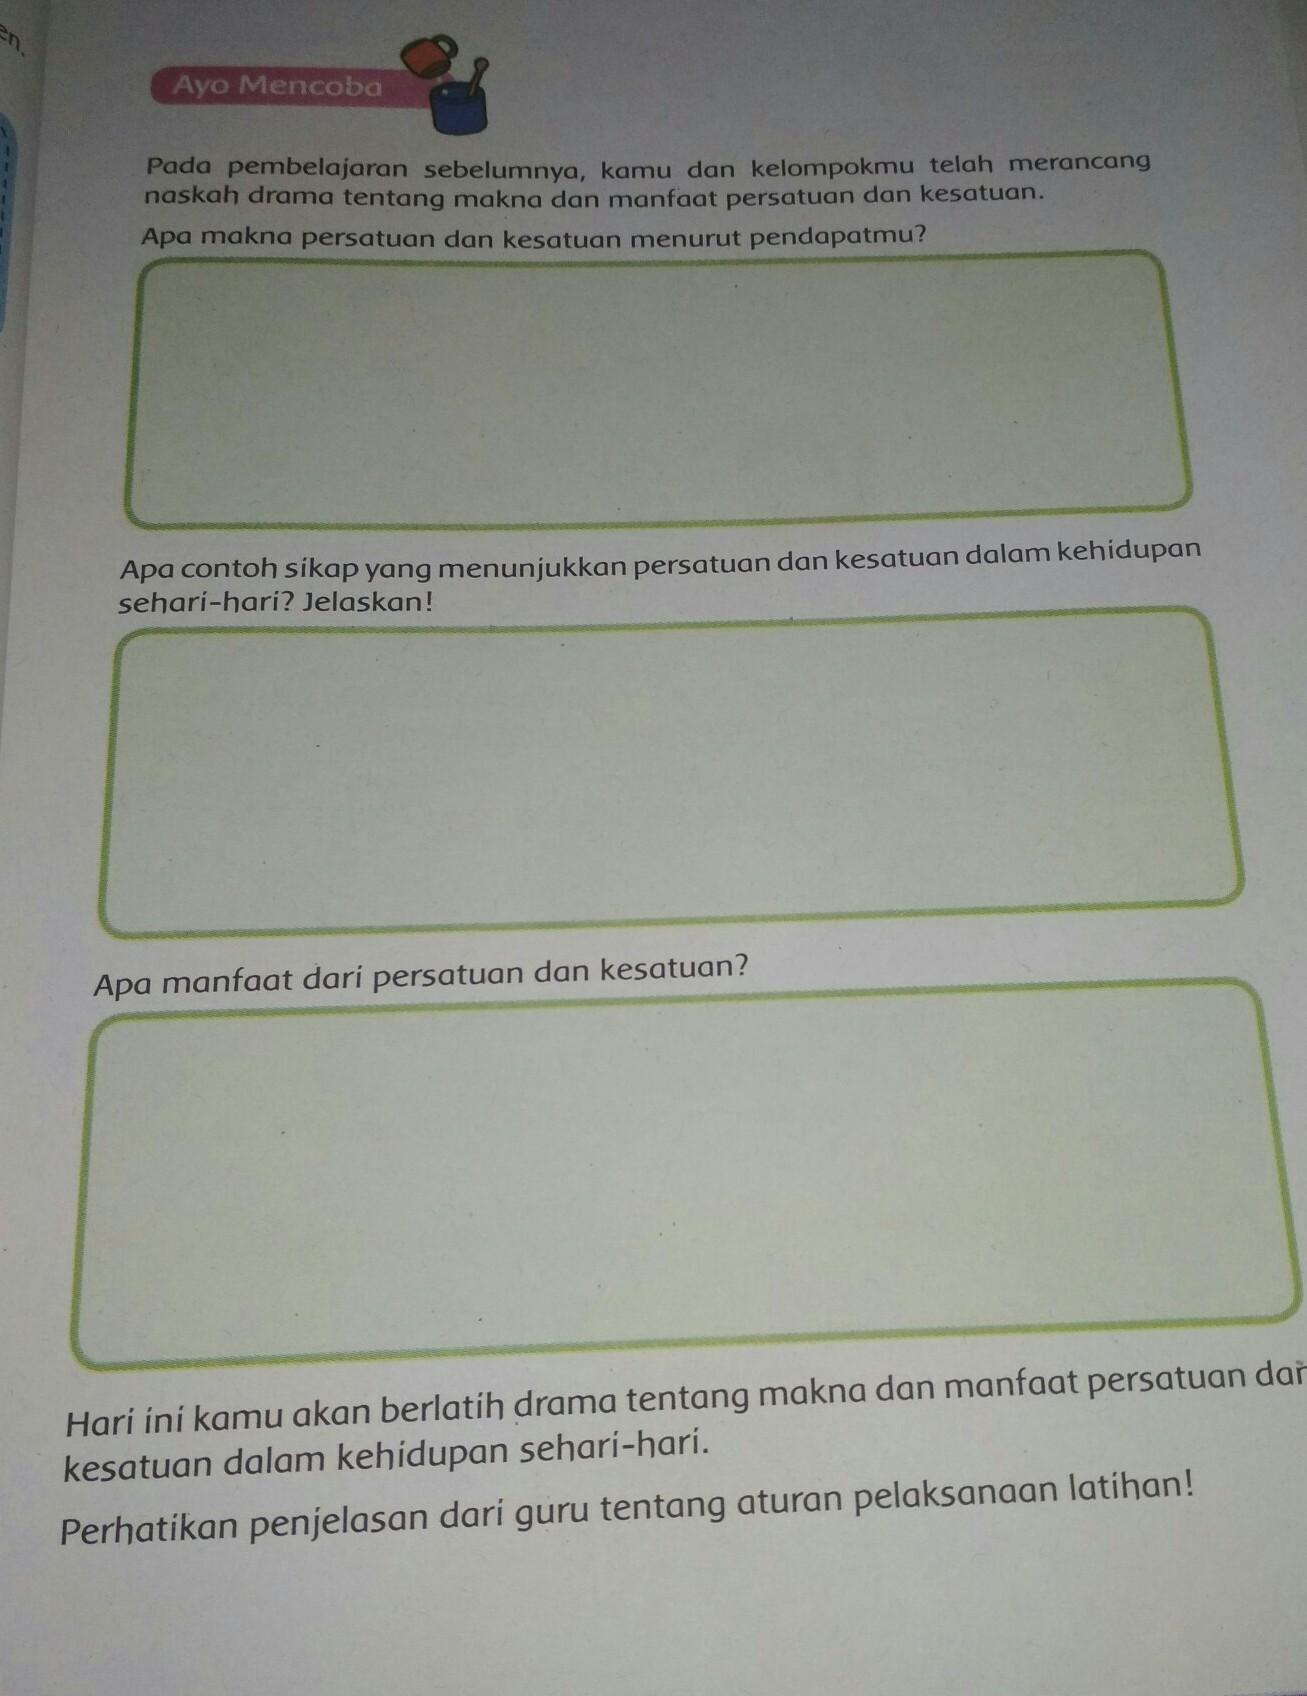 kunci jawaban tema 2 kelas 4 hal 44, 45, 46, 48, 49 dan 50 di bawah ini dirangkum tribunpadang.com dari berbagai sumber, sebagai panduan orang tua. Jawaban Kelas 6 Tema 2 Halaman 79 Brainly Co Id